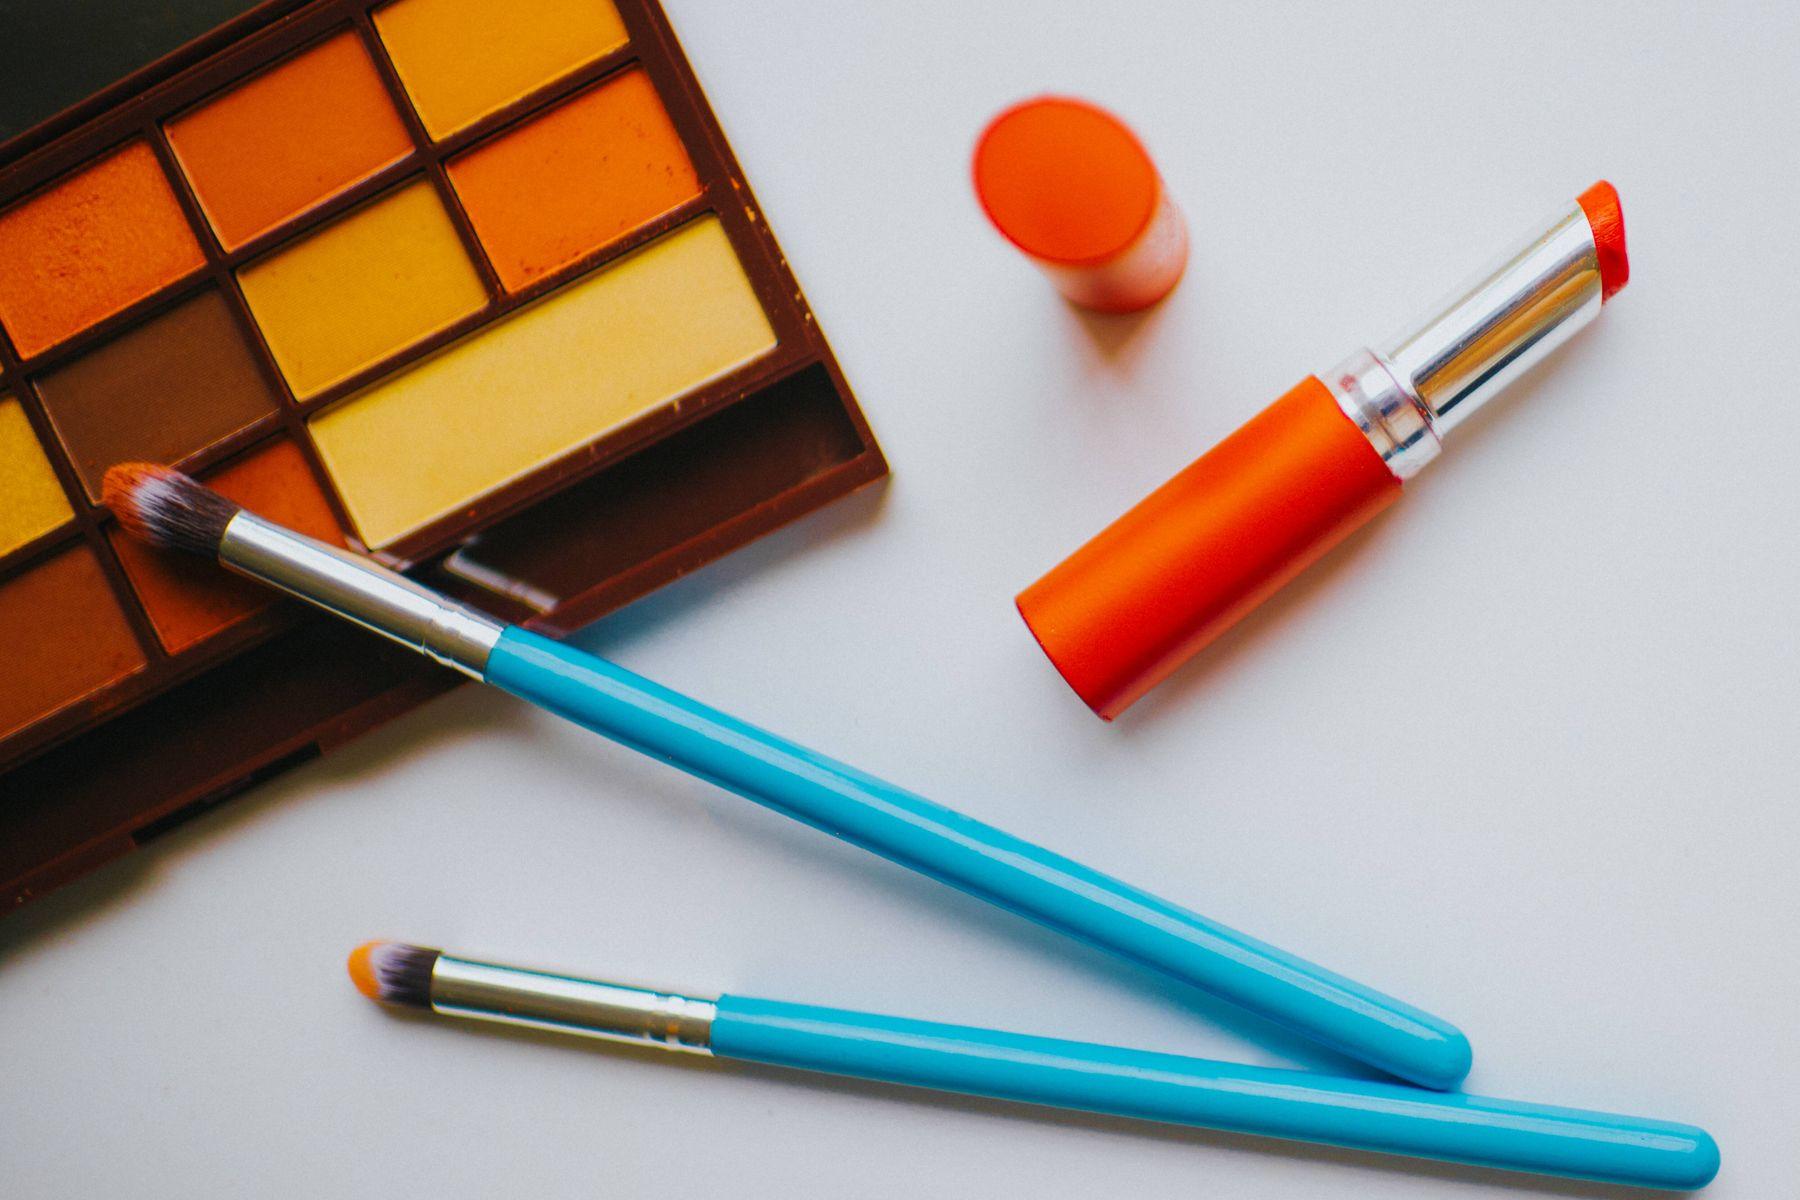 palet makeup dengan lipstik dan kuas di sebelahnya